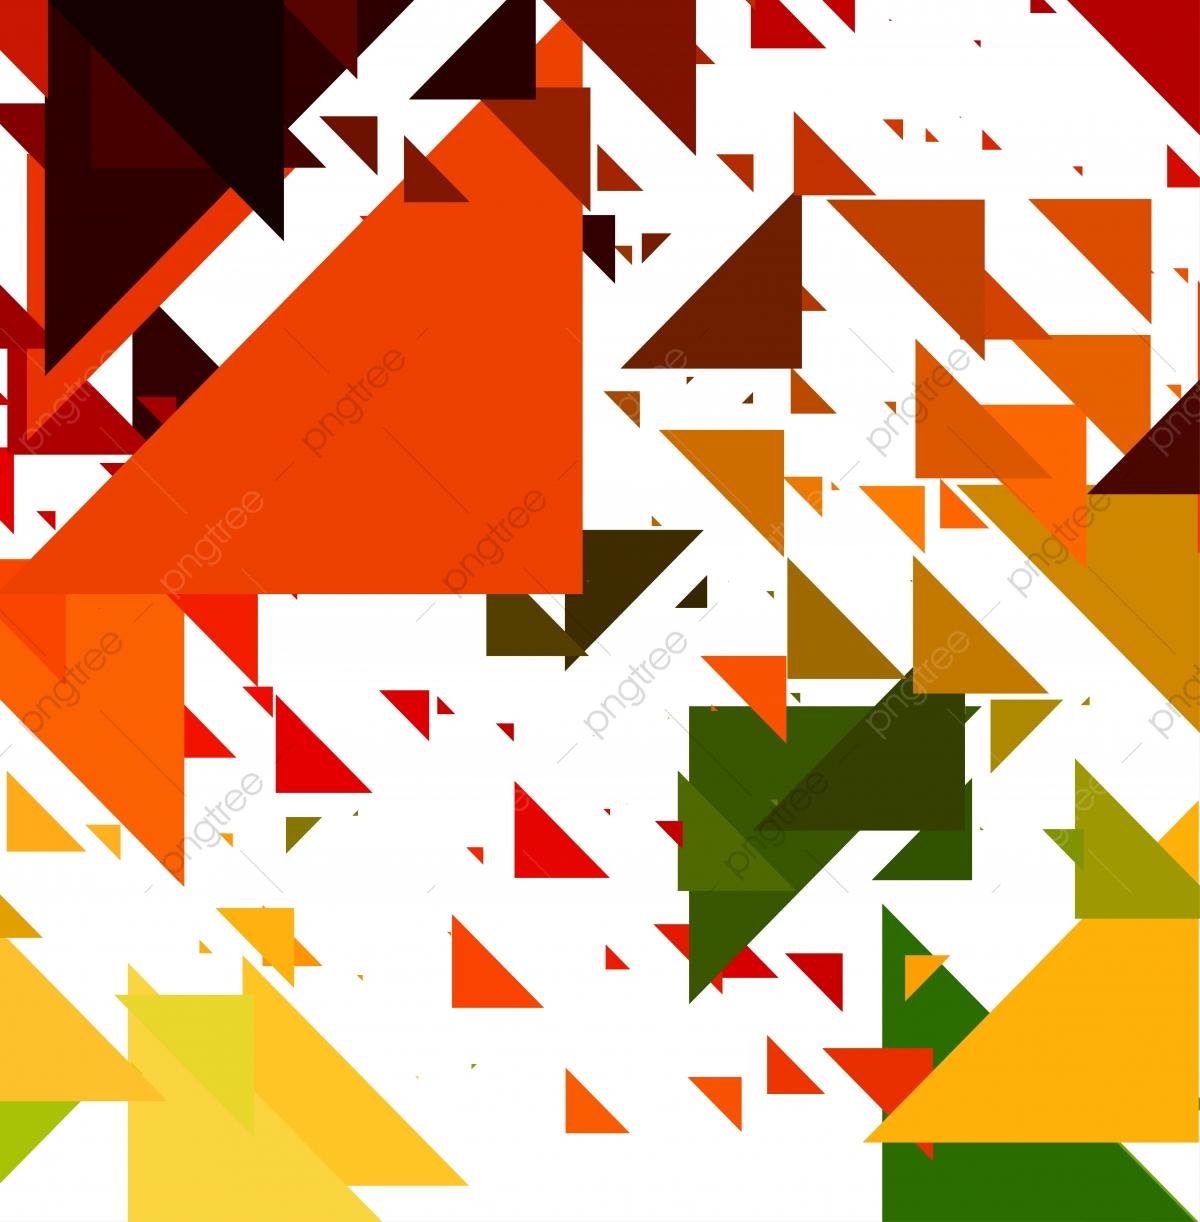 جالاكسي White Background With الحاضر Elements مجردة